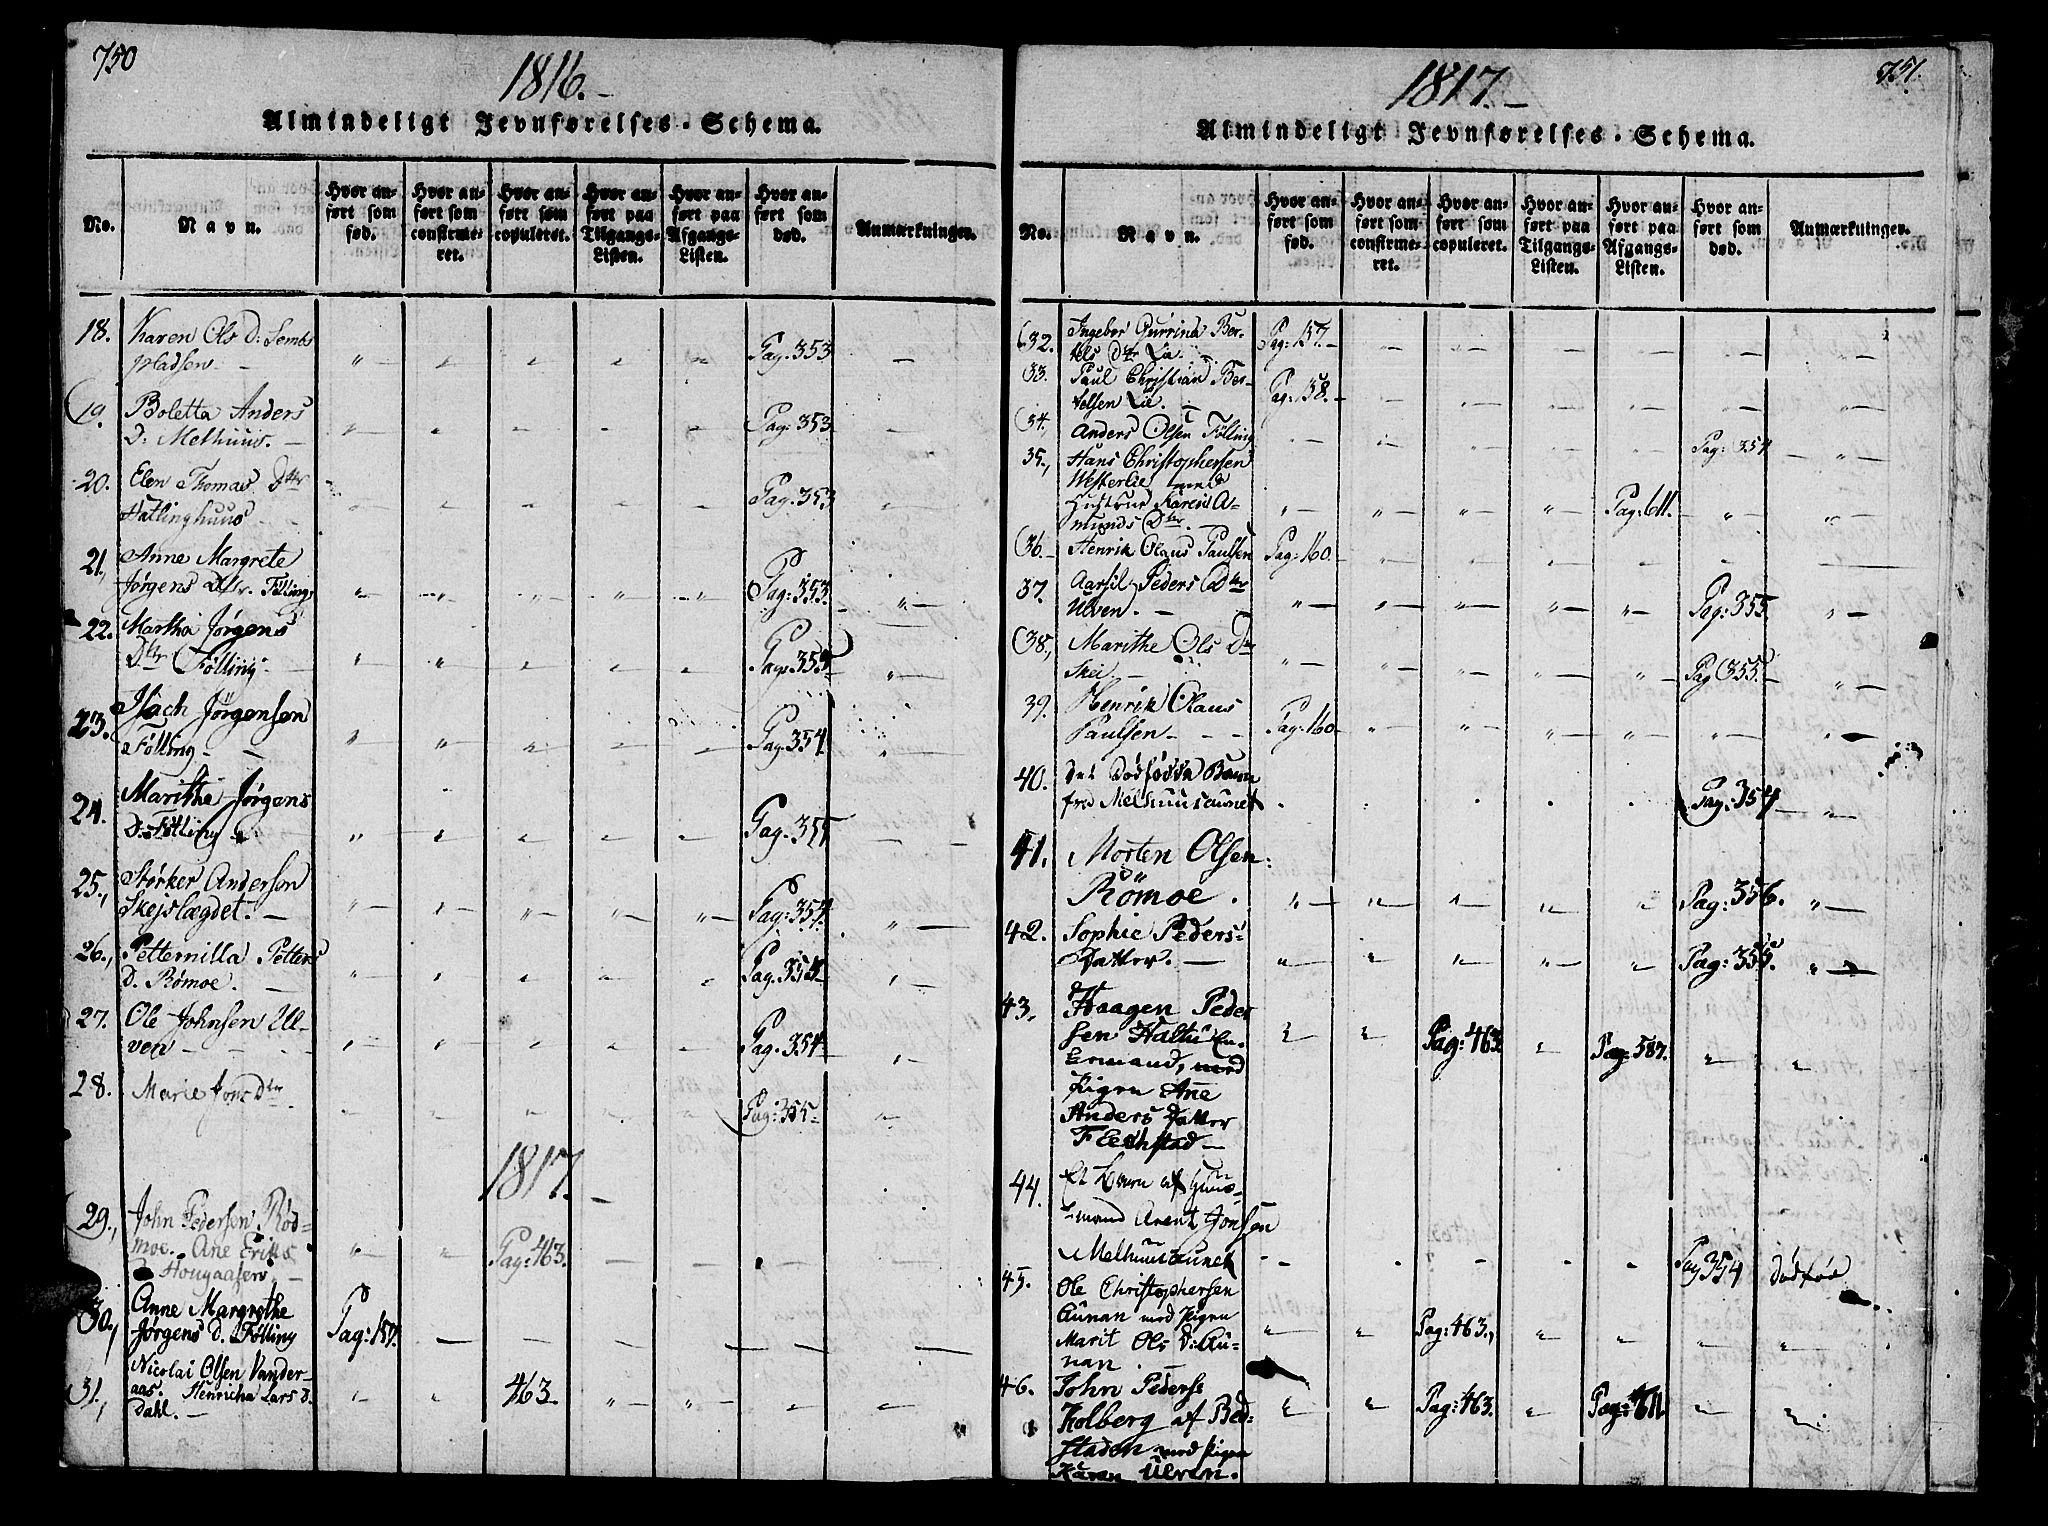 SAT, Ministerialprotokoller, klokkerbøker og fødselsregistre - Nord-Trøndelag, 746/L0441: Ministerialbok nr. 746A03 /4, 1816-1827, s. 750-751